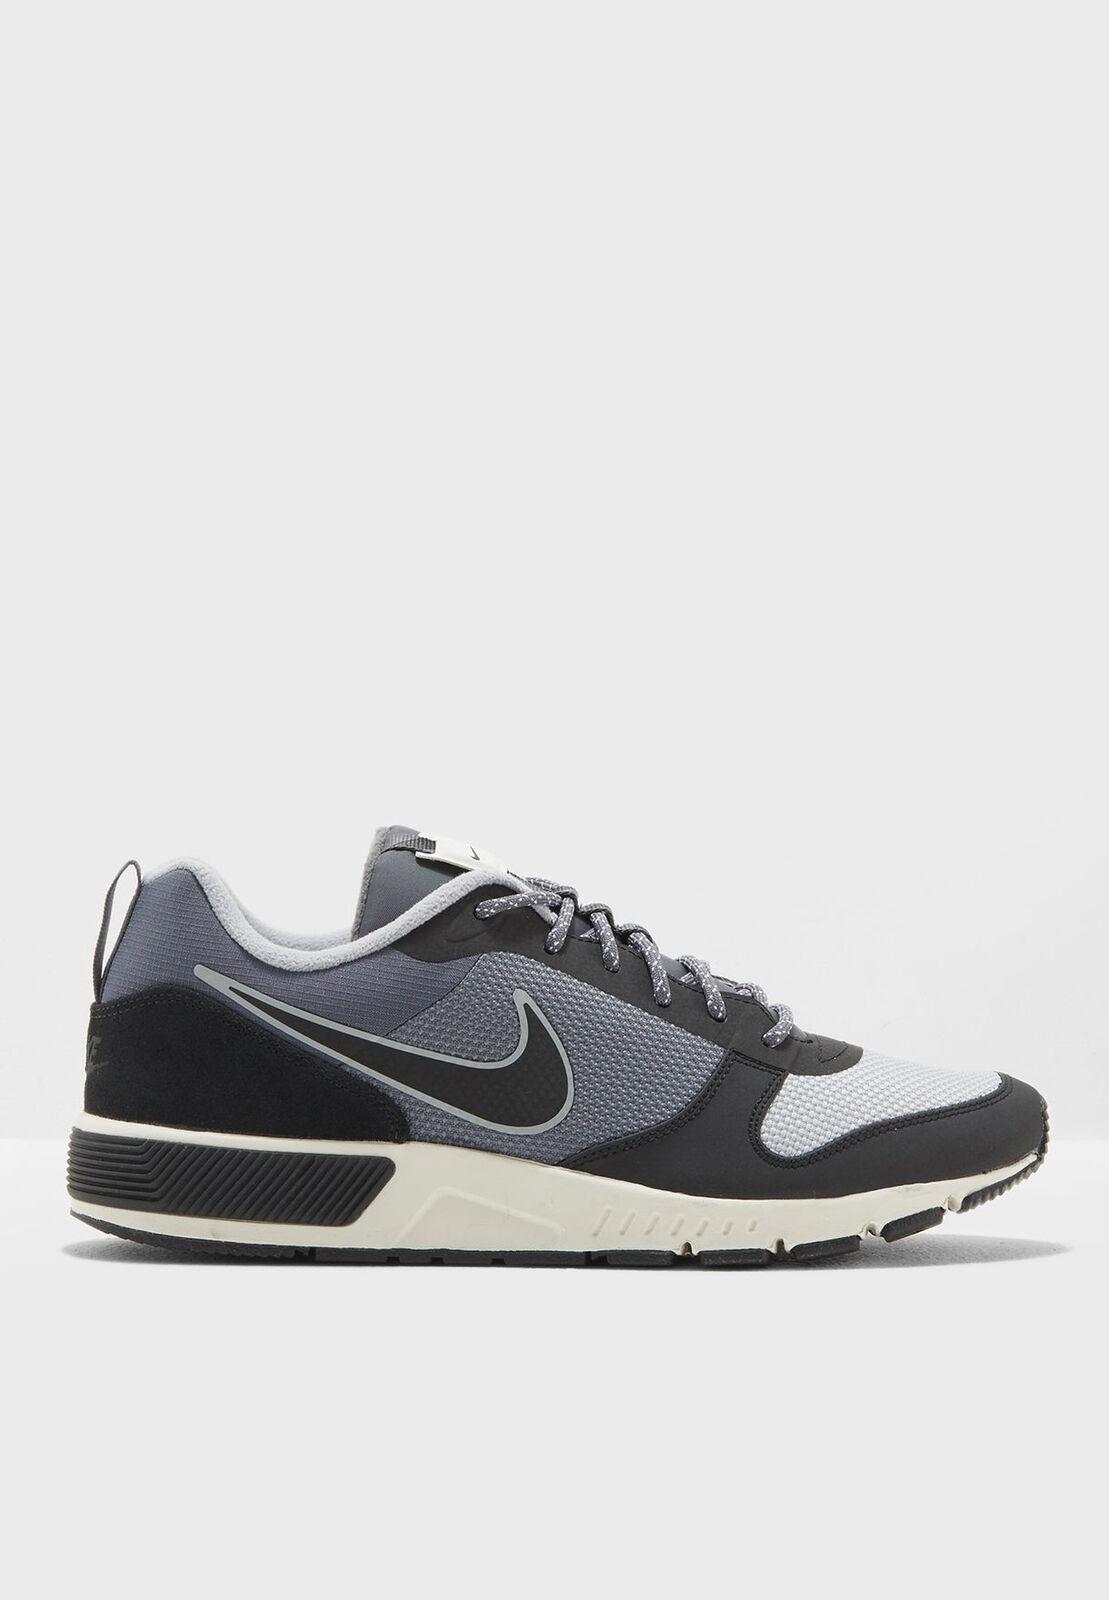 Nike Nightgazer Trail 916775 Sneakers de Hombre Calzados Vesga